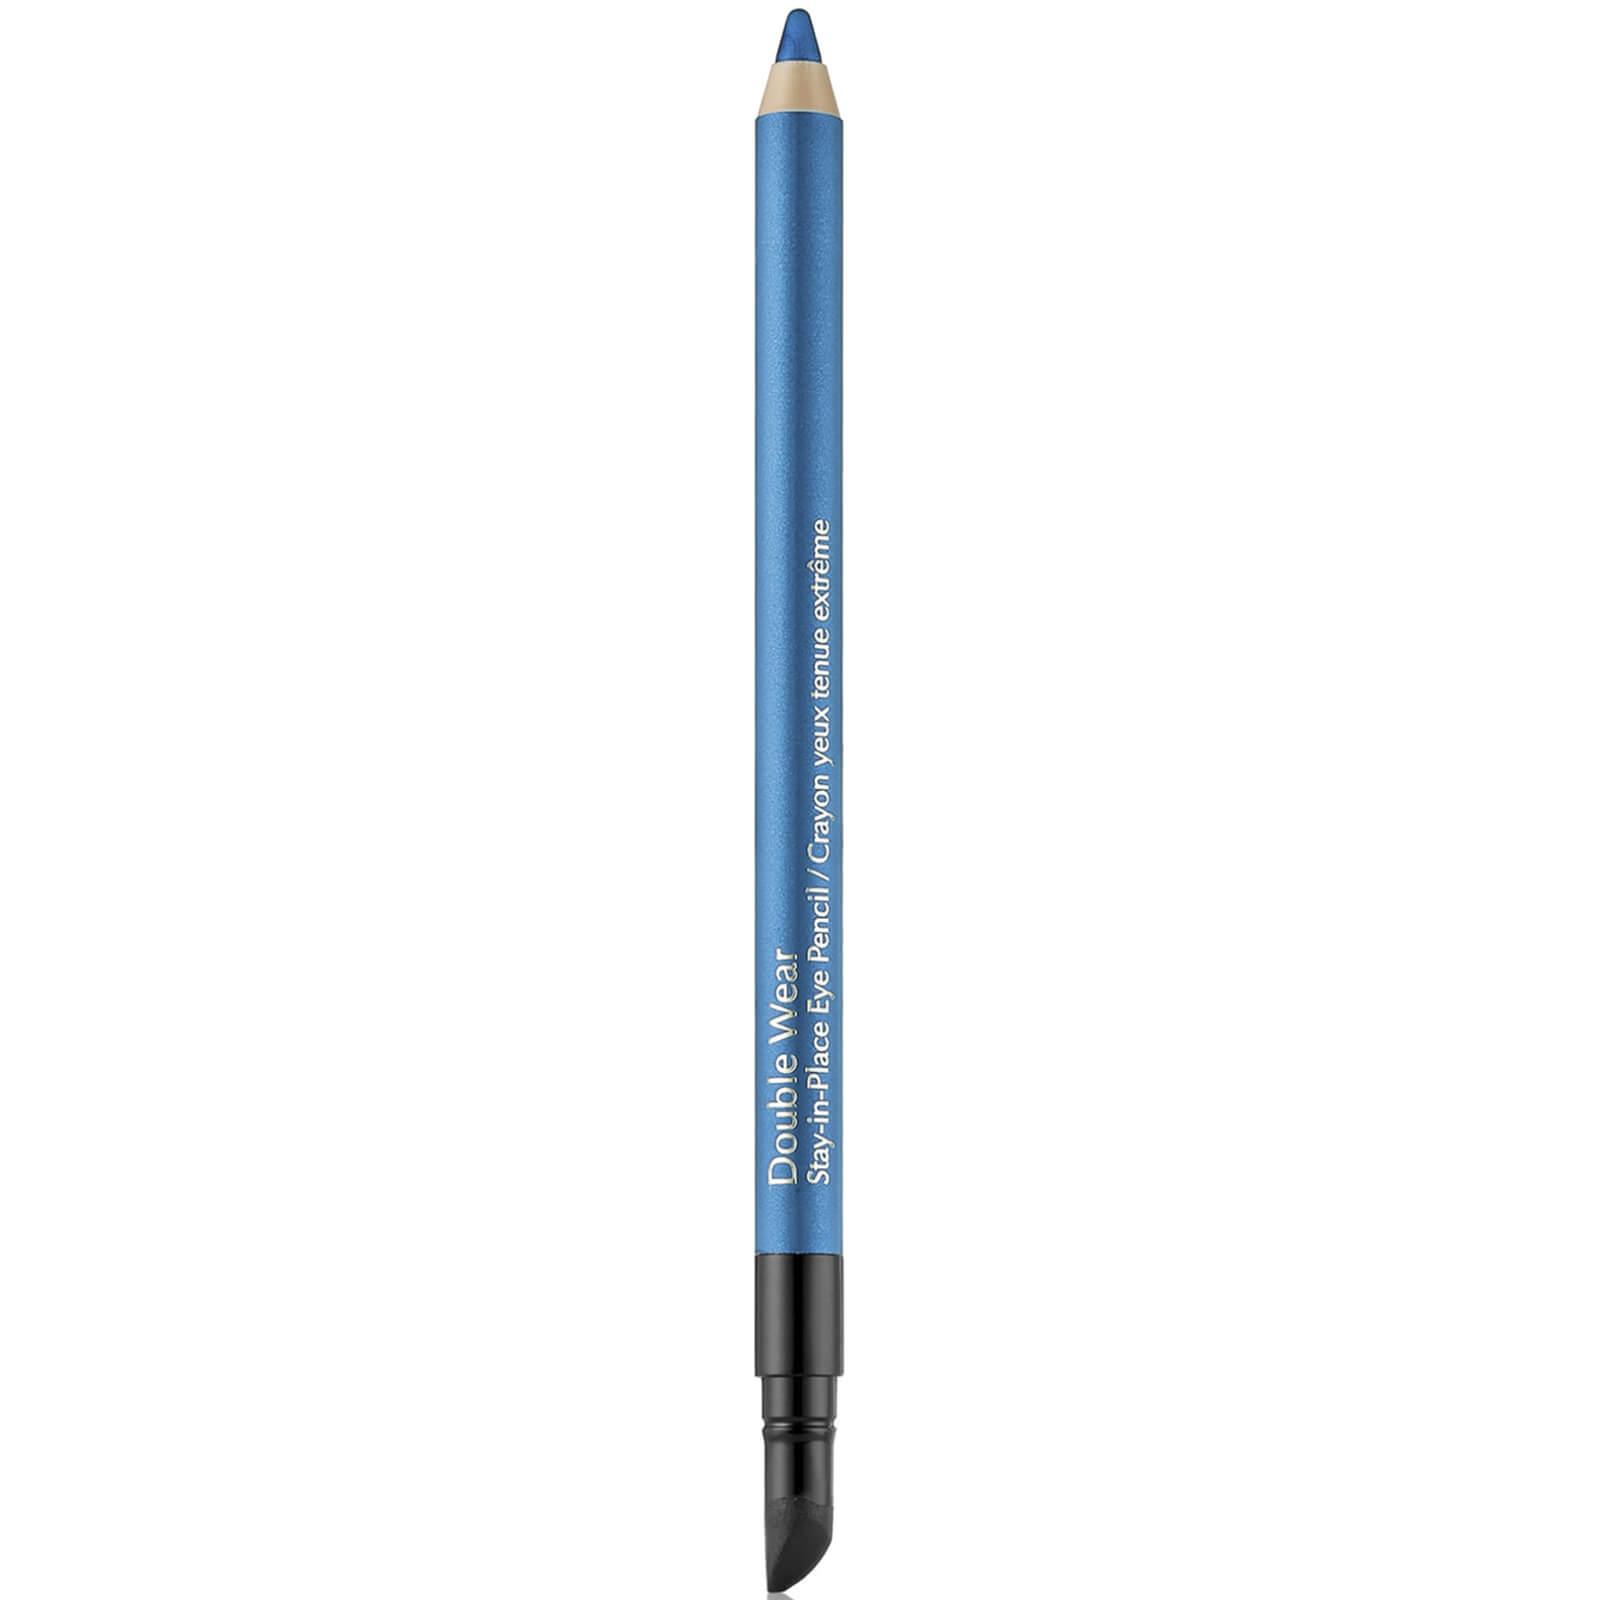 Estée Lauder Crayon Yeux Tenue Extrême Double Wear Estée Lauder 1,2g - Electric Colbalt